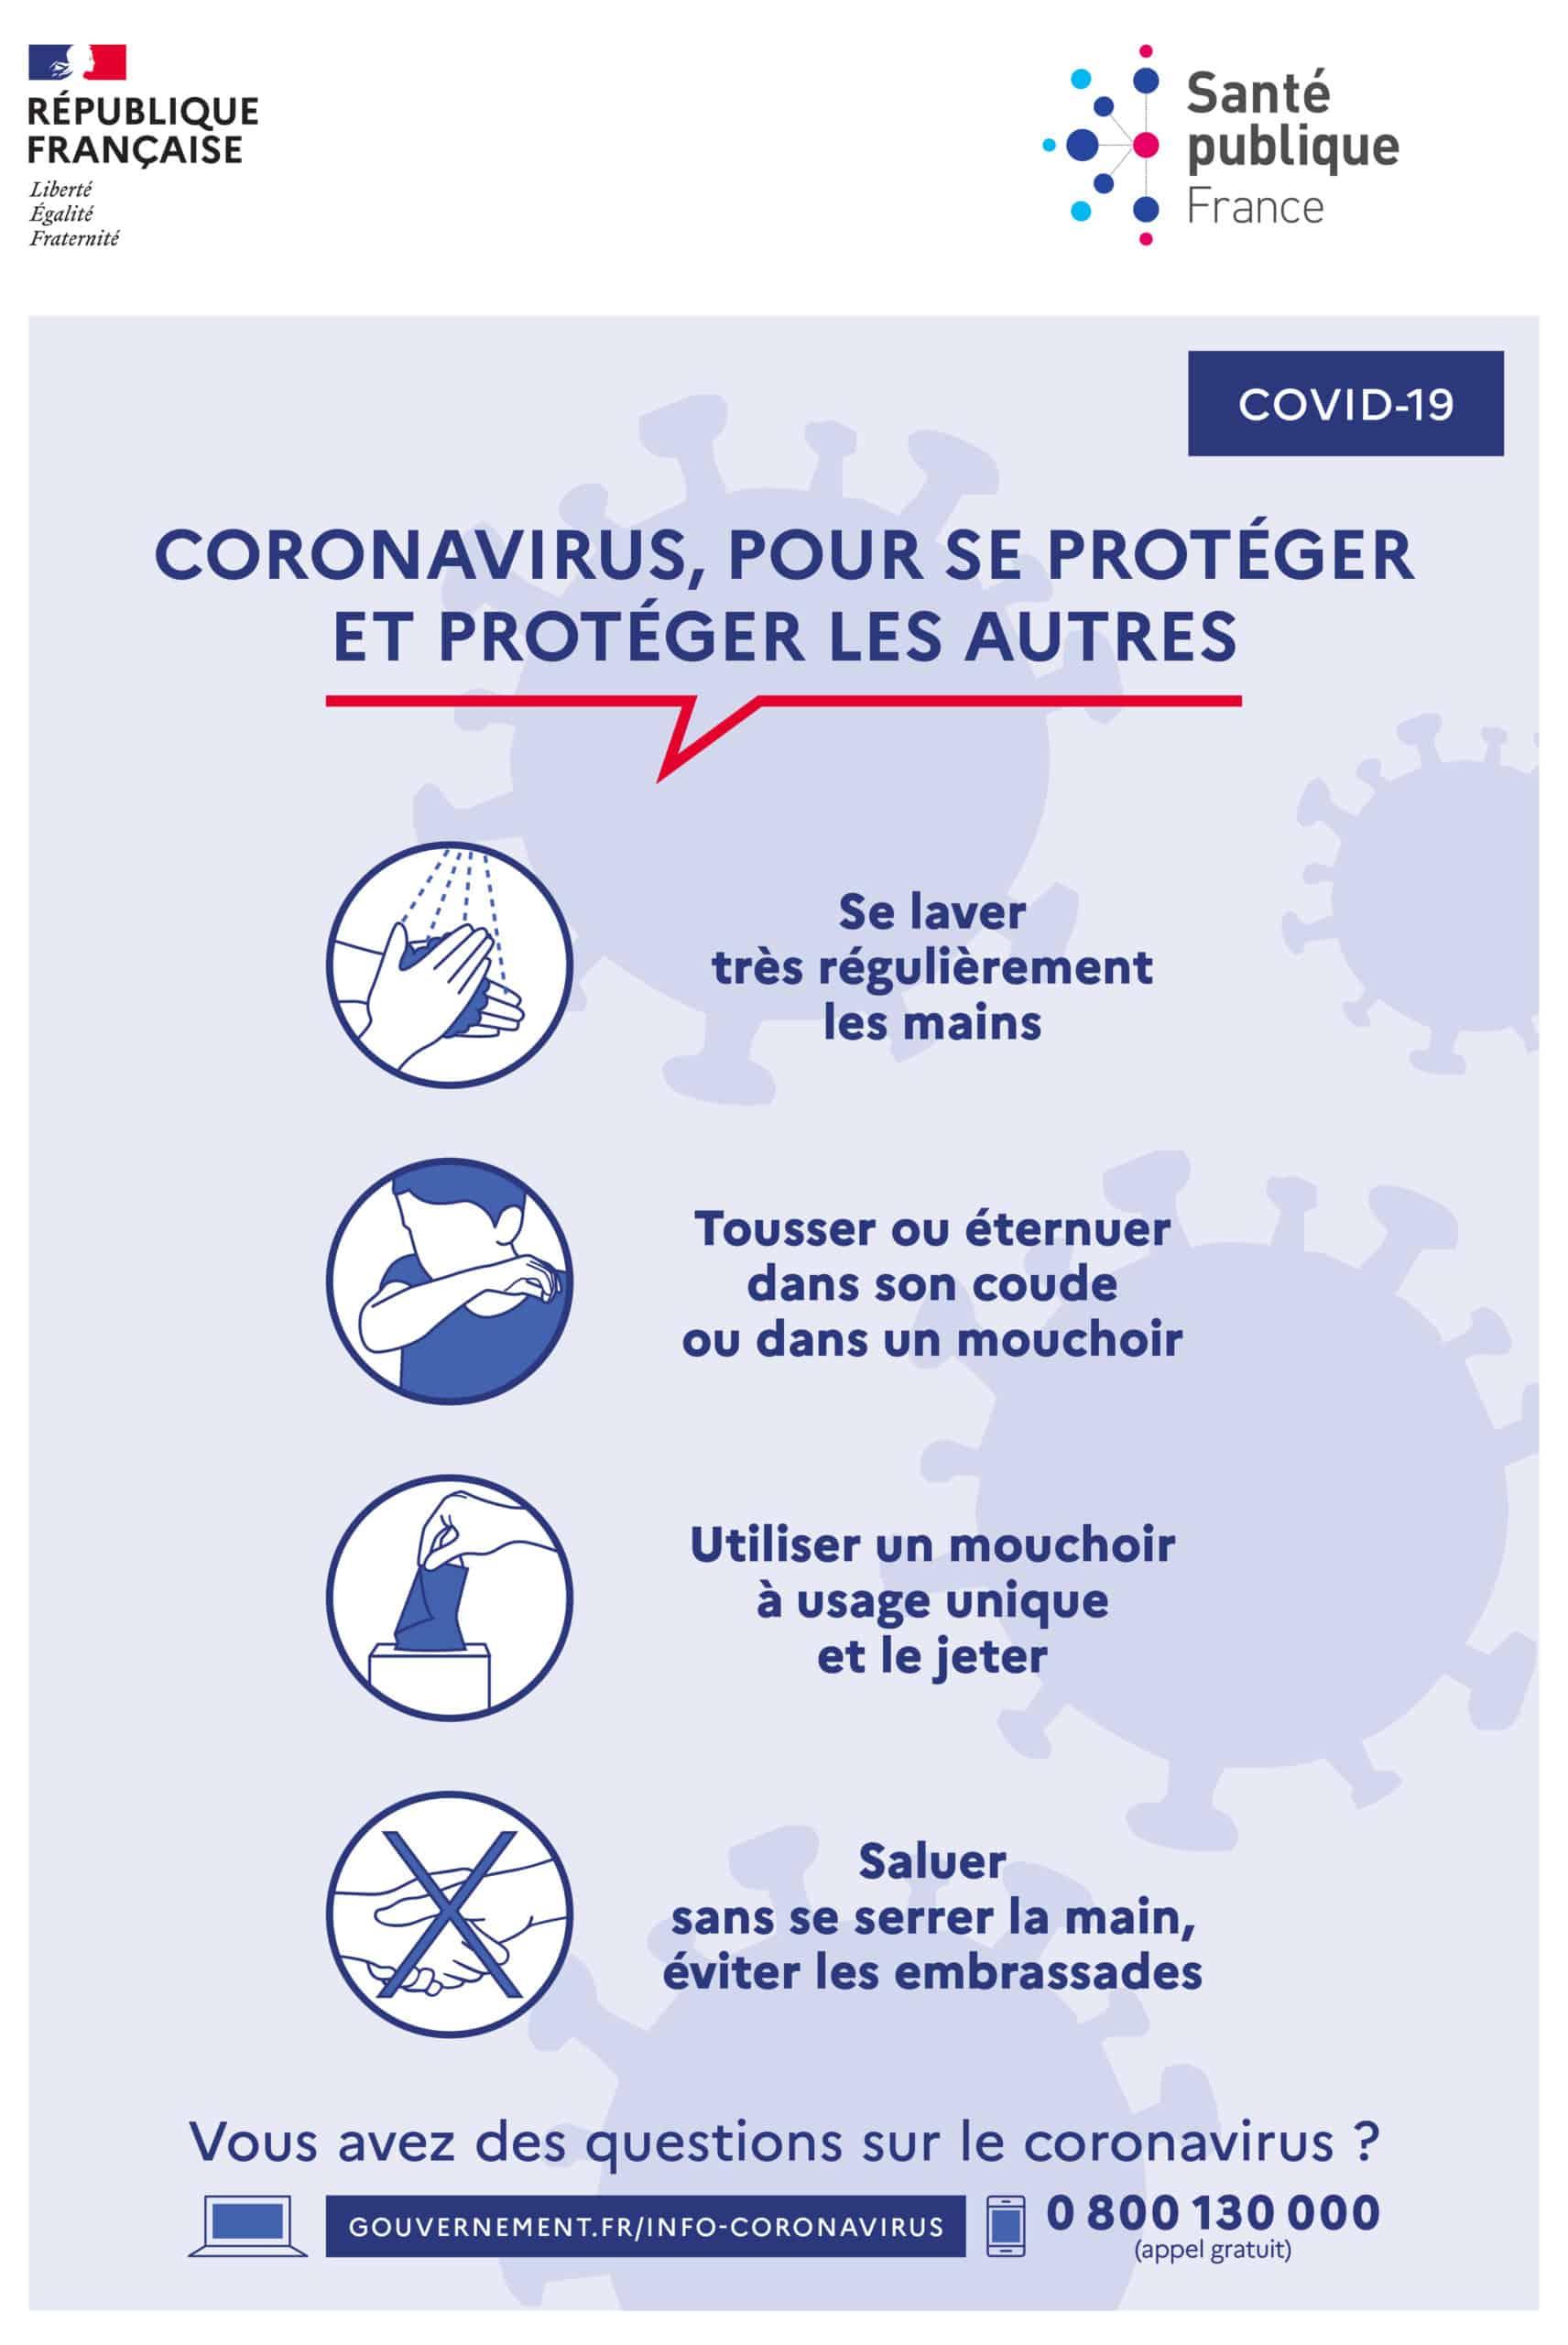 Geste barrières - Coronavirus - USV